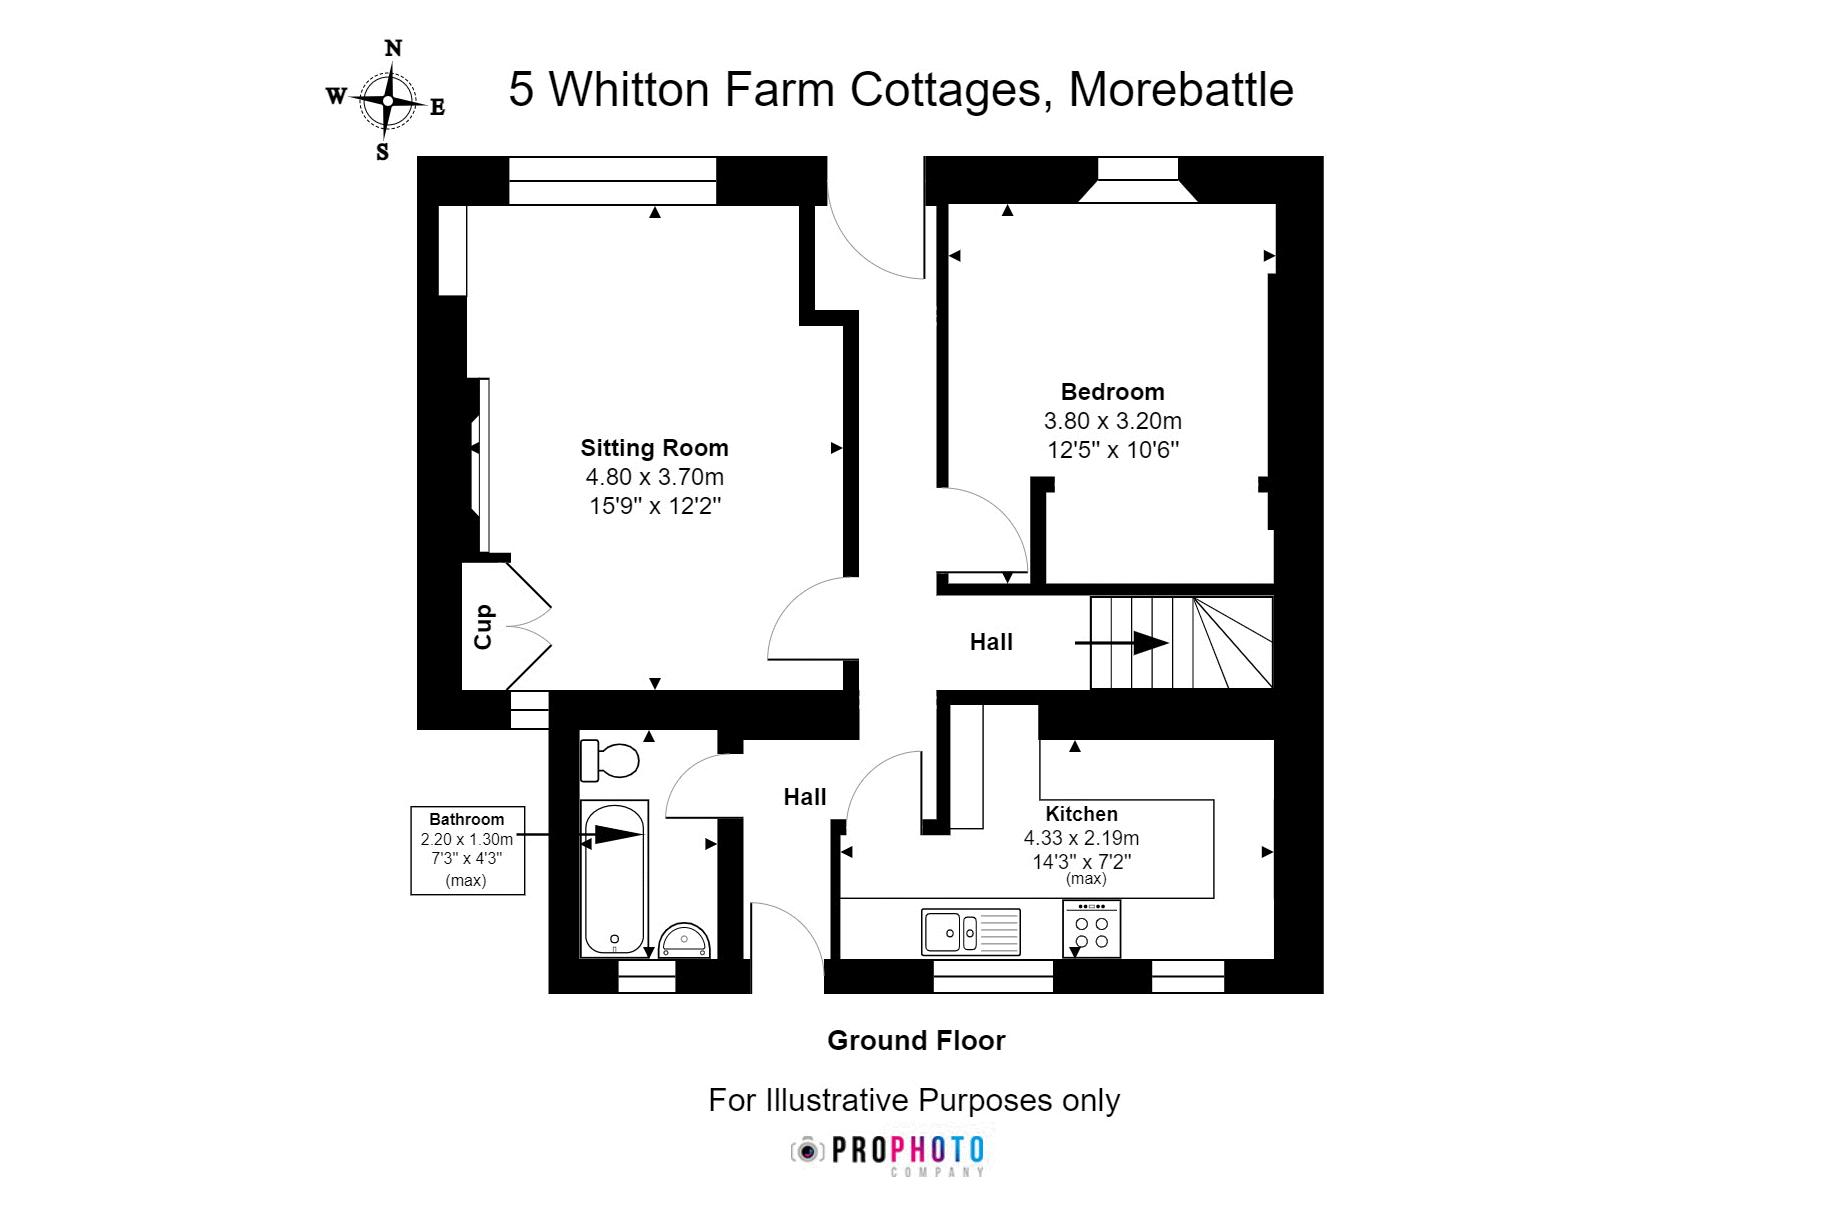 5 Whitton Farm Cottages Ground Floor